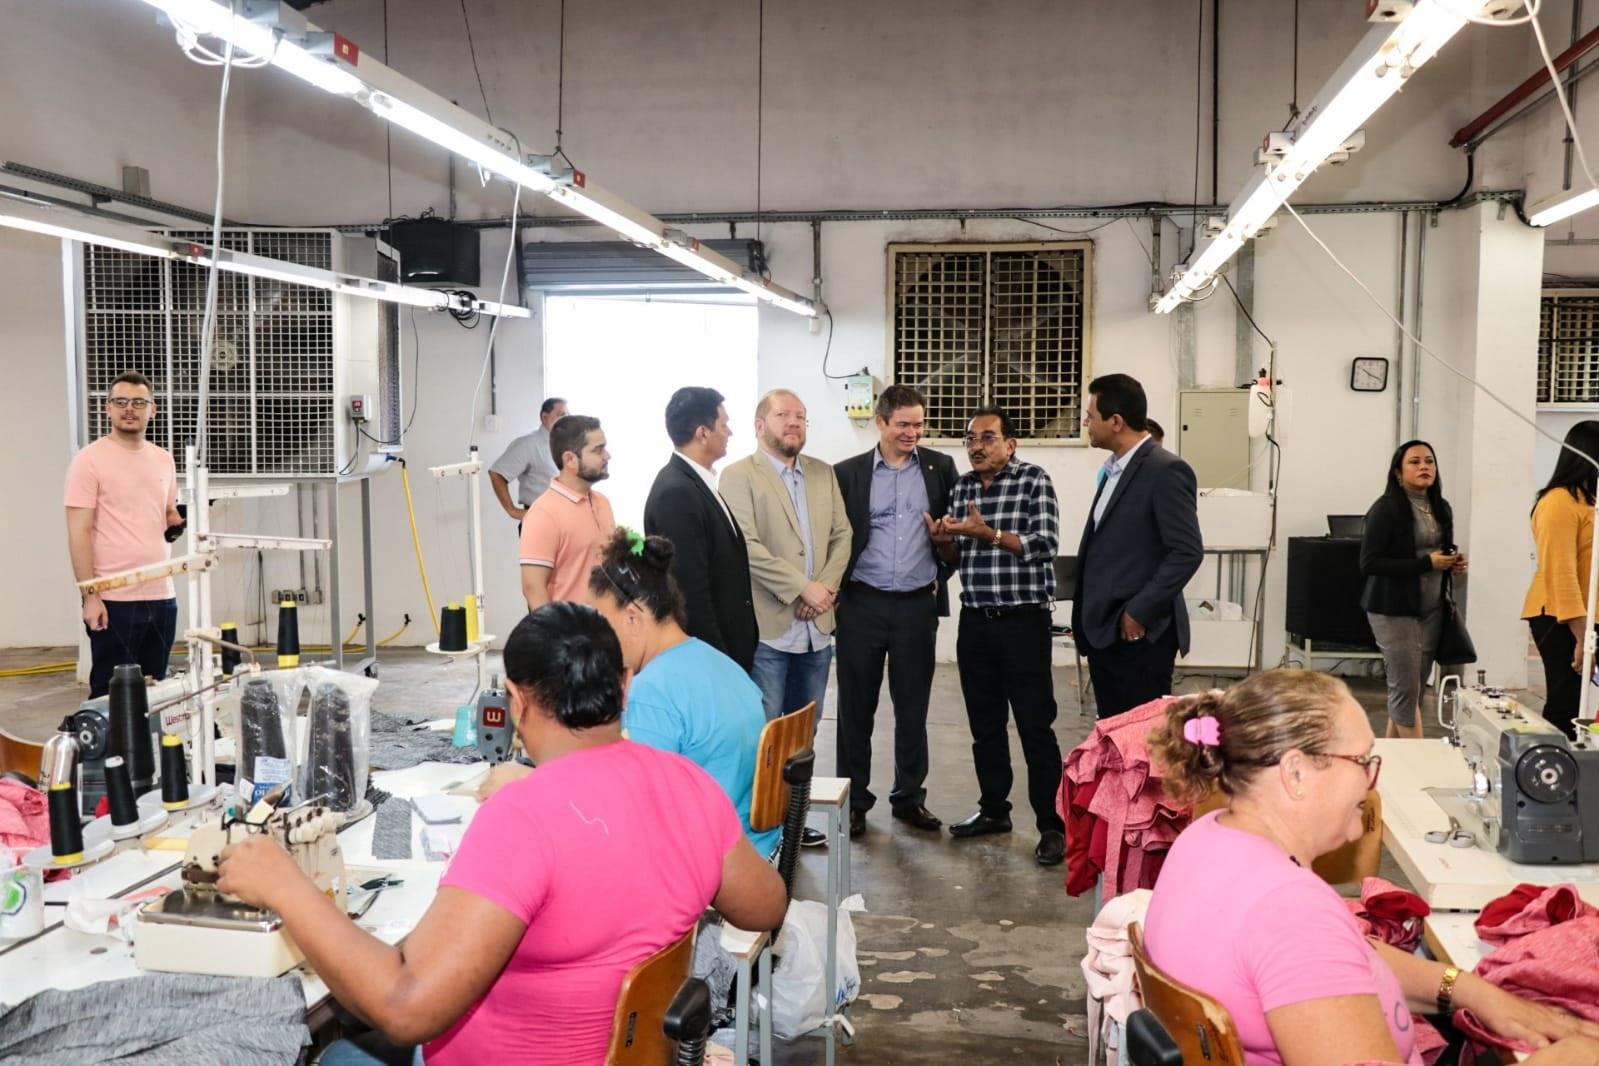 Em Timon, Othelino Neto fez visita à fábrica de confecções Justa Forma, que tem ampla atividade produtiva no município